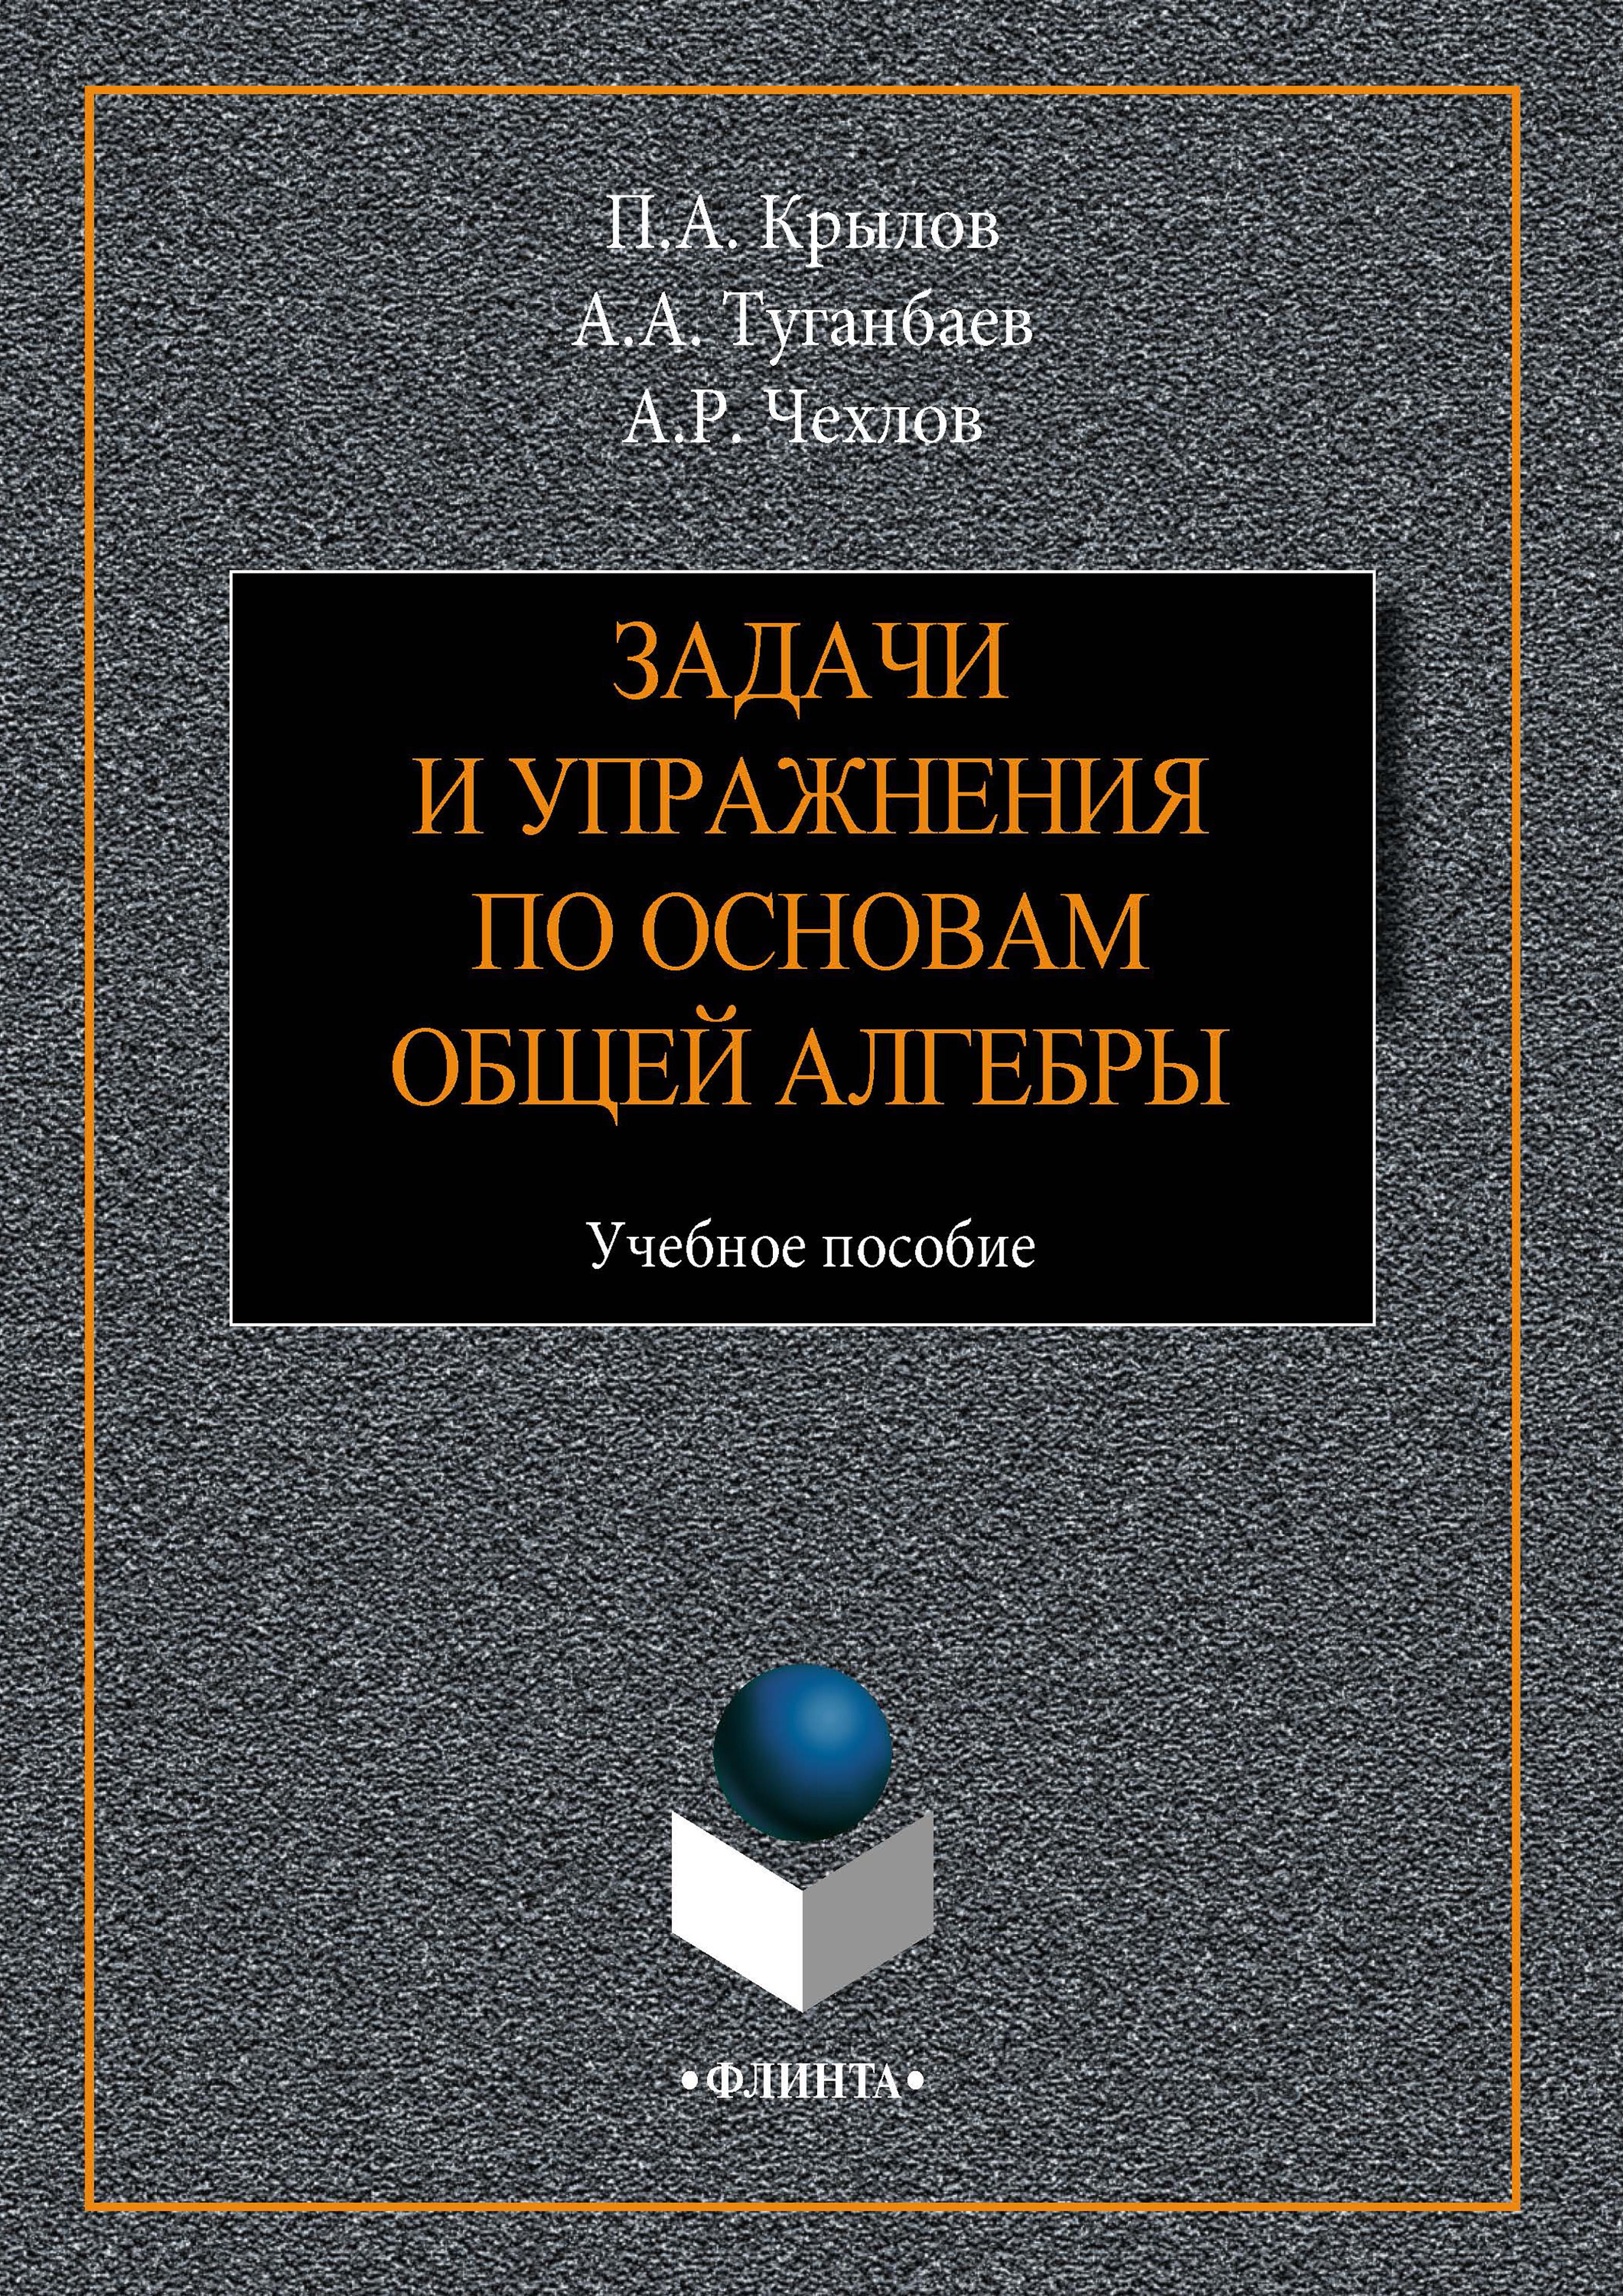 А. А. Туганбаев Задачи и упражнения по основам общей алгебры. Учебное пособие цена 2017